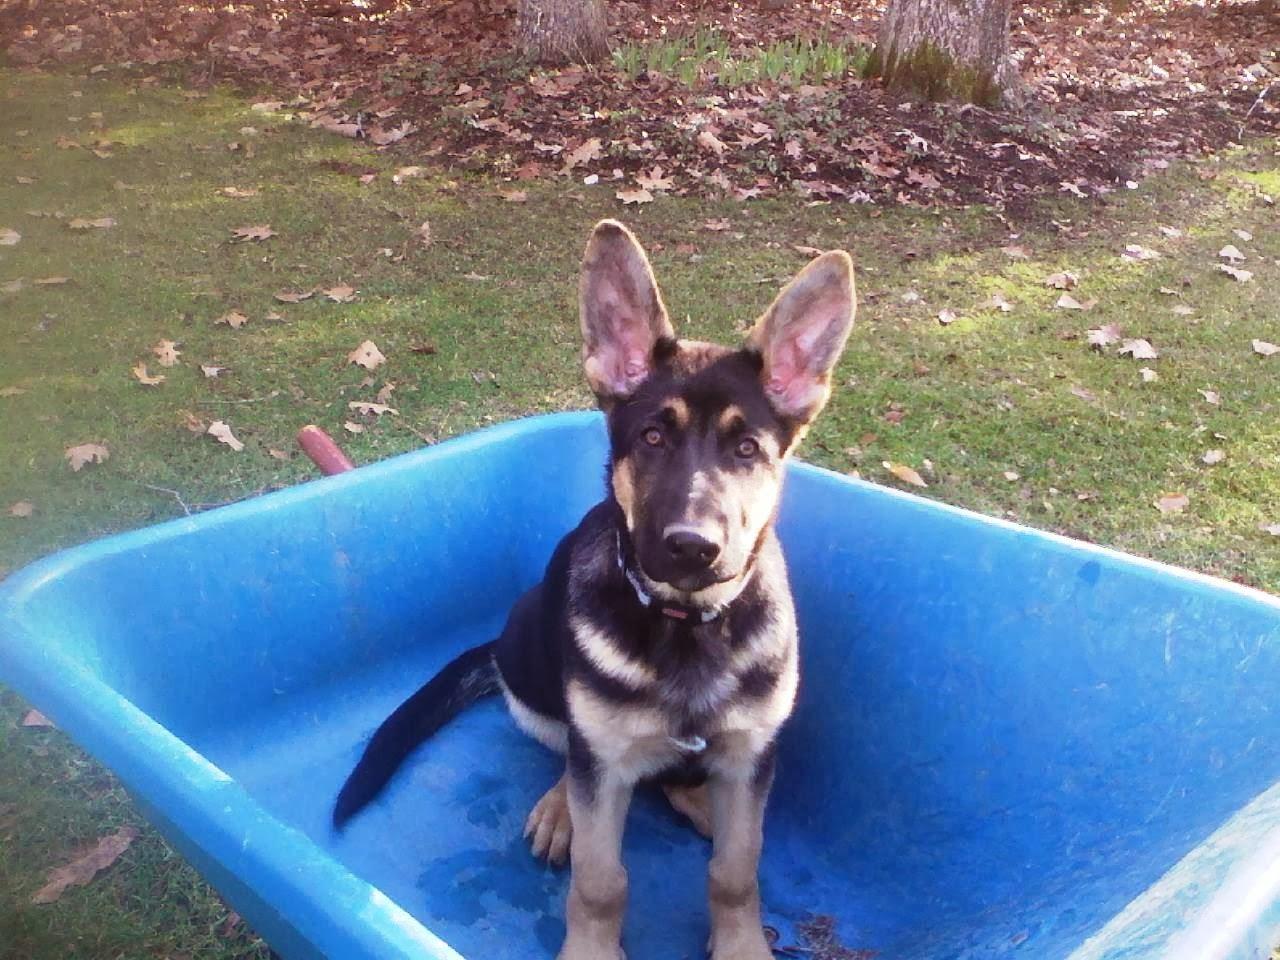 German Sheppard Puppy